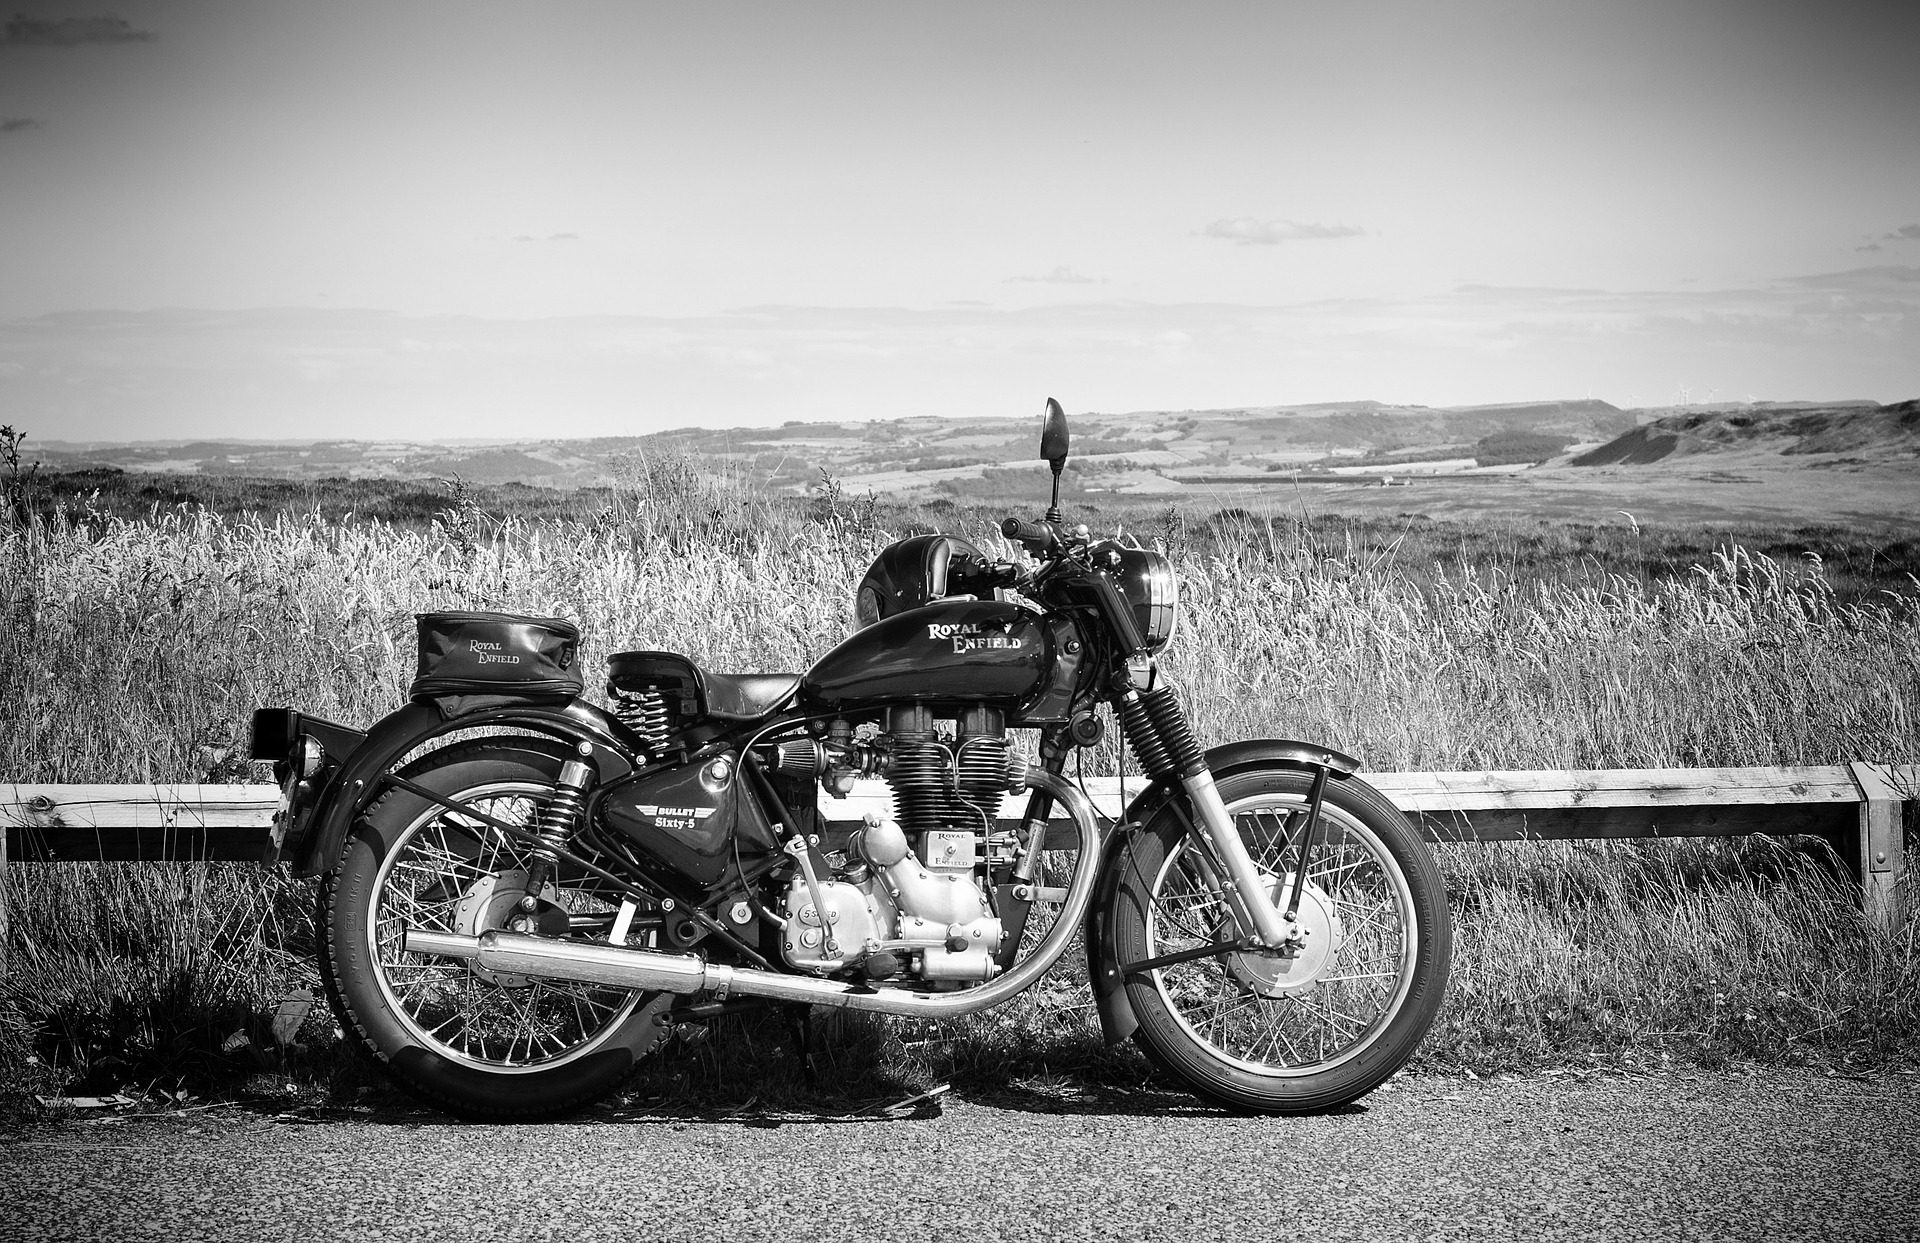 motocicleta, moto, guardarraíl, camino, en blanco y negro - Fondos de Pantalla HD - professor-falken.com